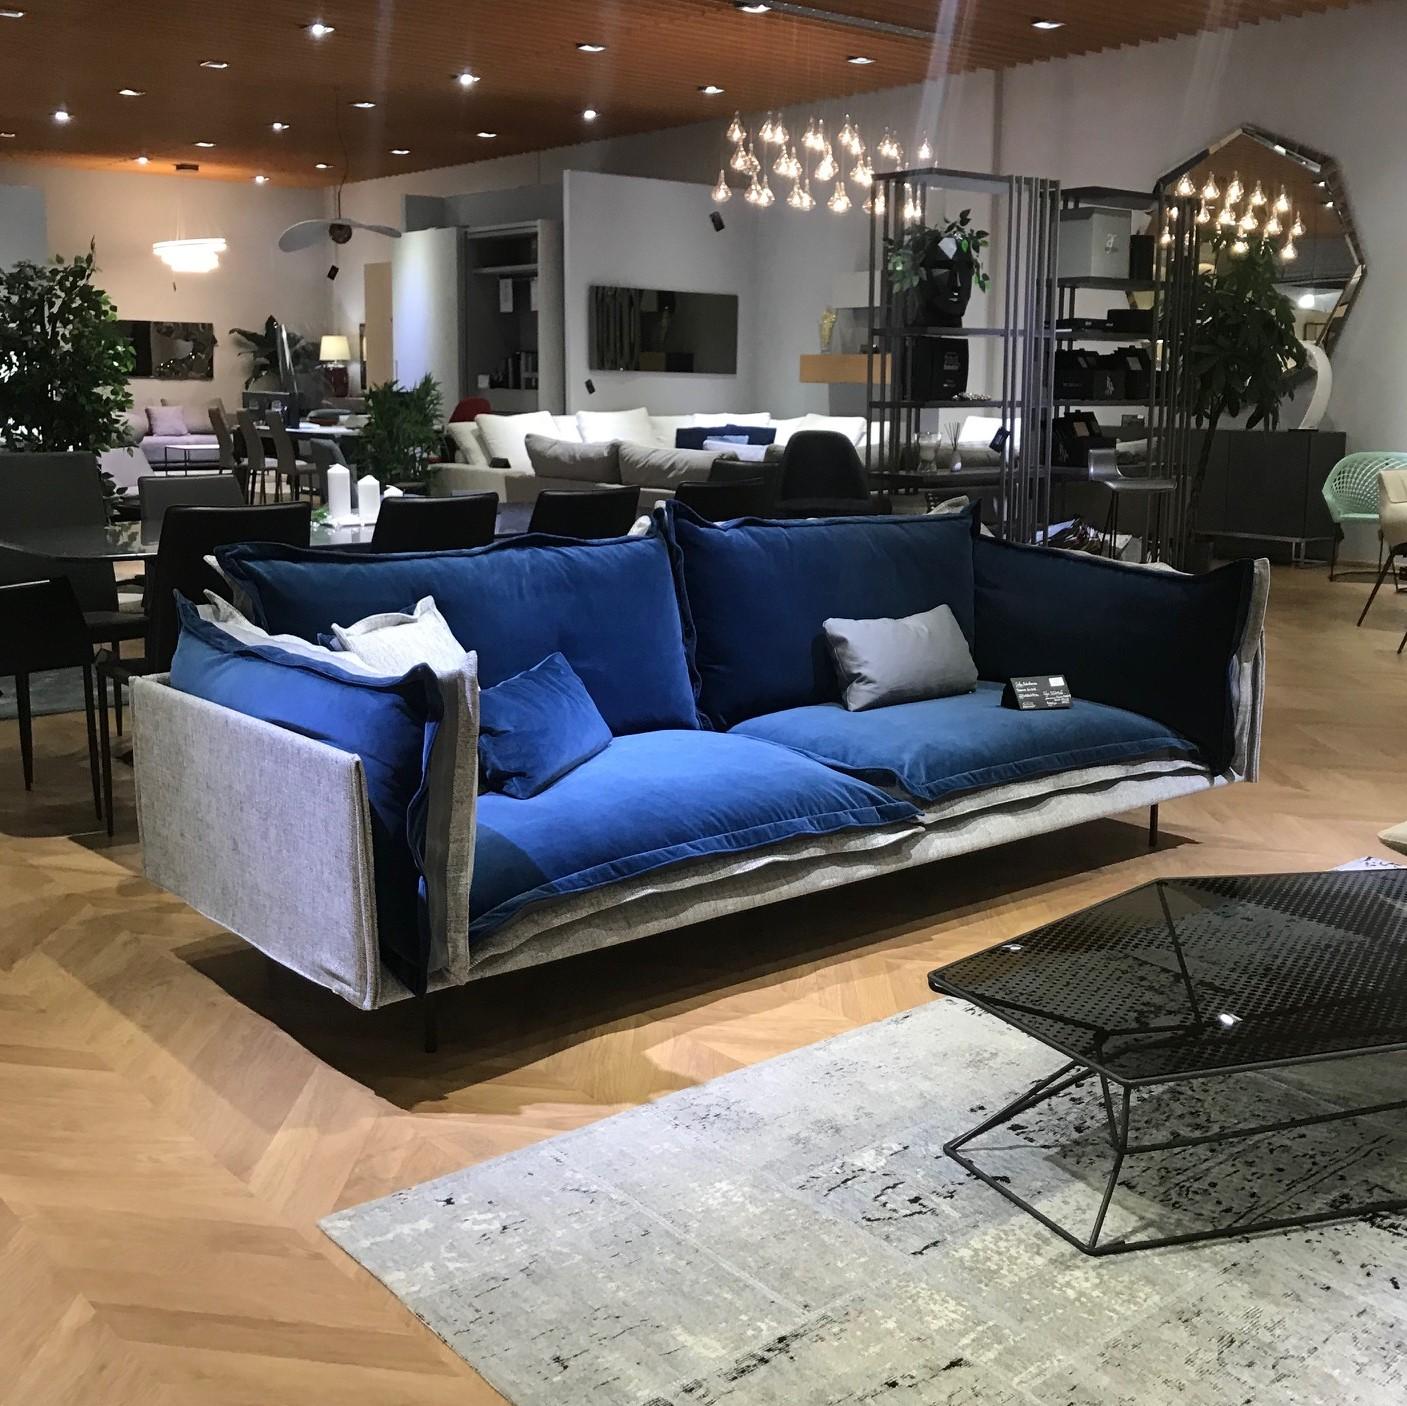 Sofa Auto-Reverse Arketipo